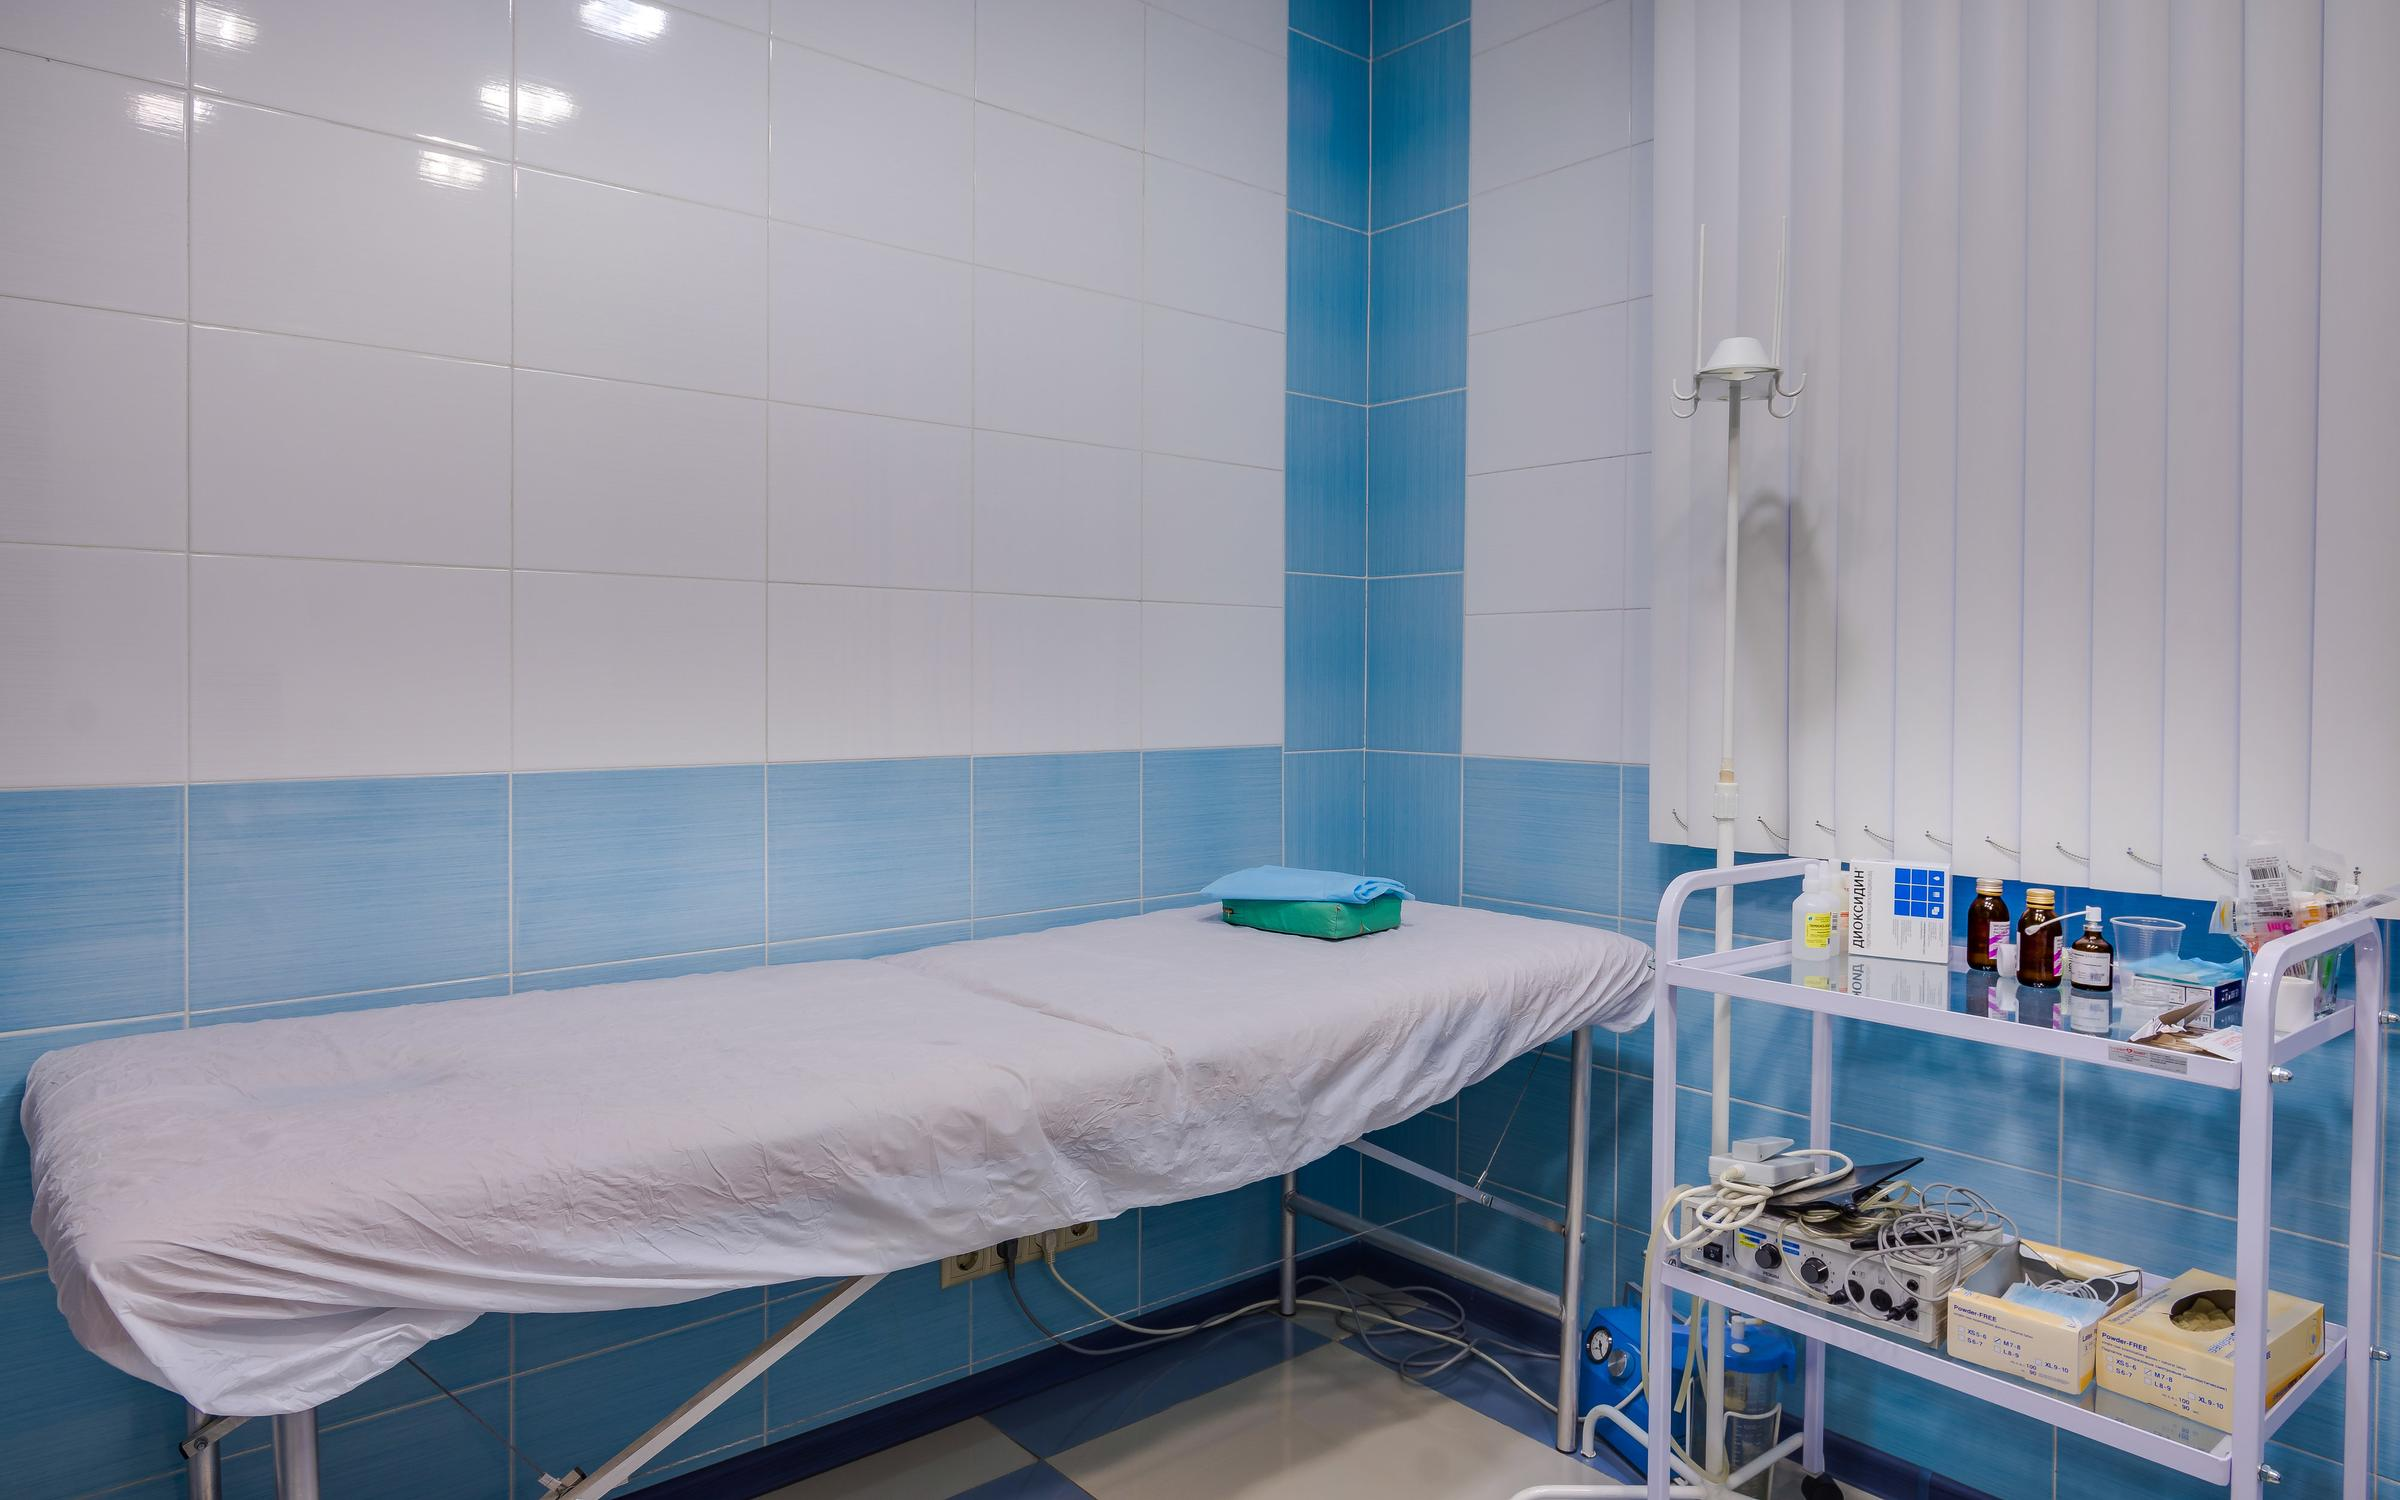 Расписание приема врачей в детской поликлинике 2 жуковский